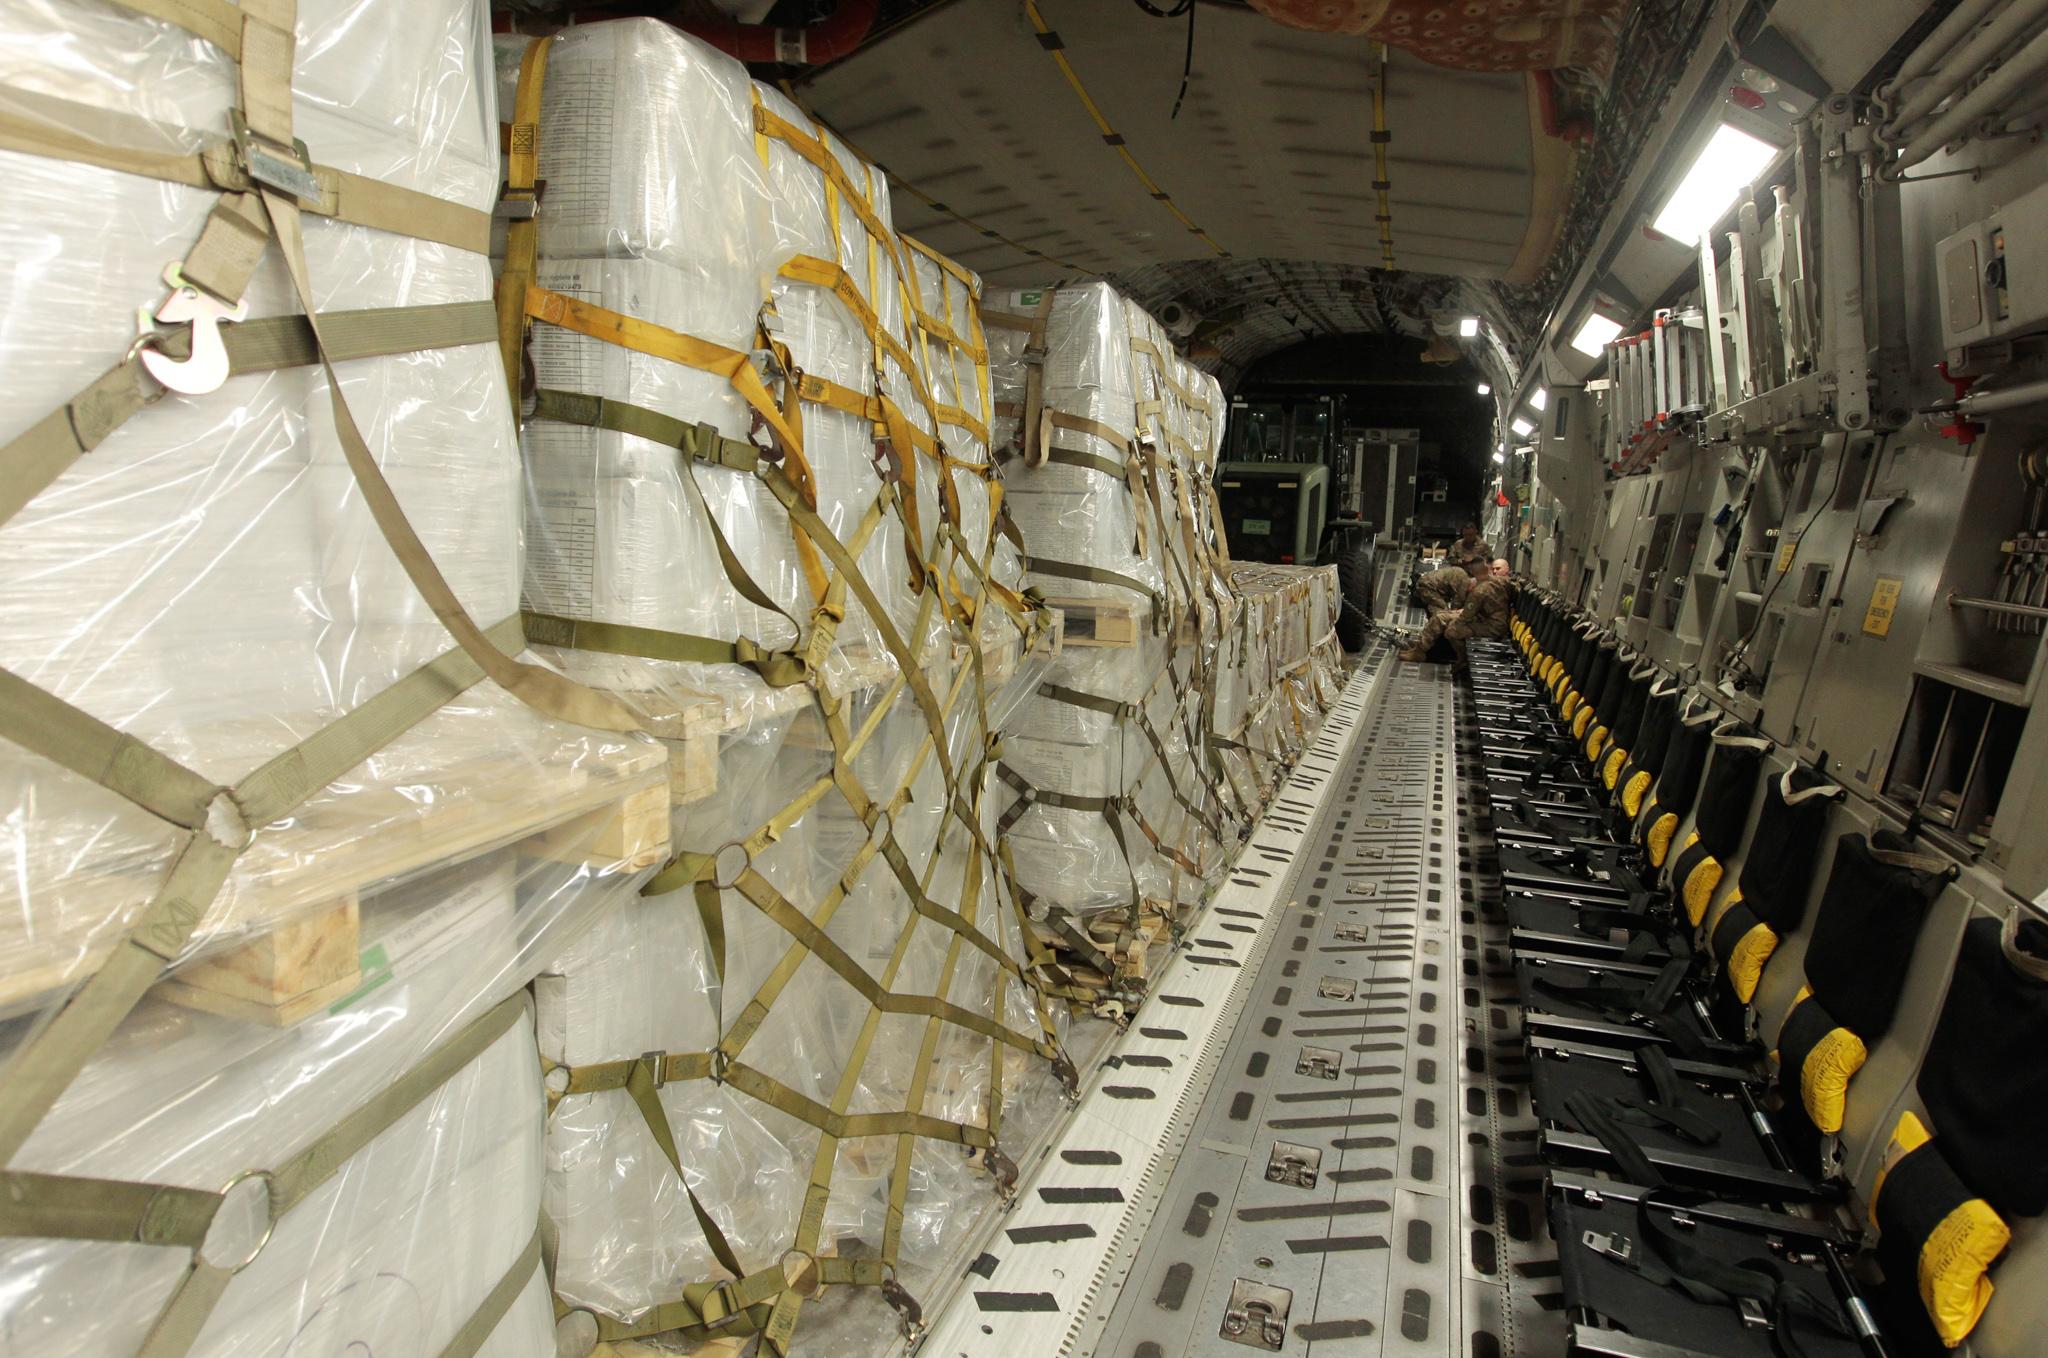 Humanitarian aid loaded inside a C-17 cargo plane (© Luis M. Alvarez/AP Images)